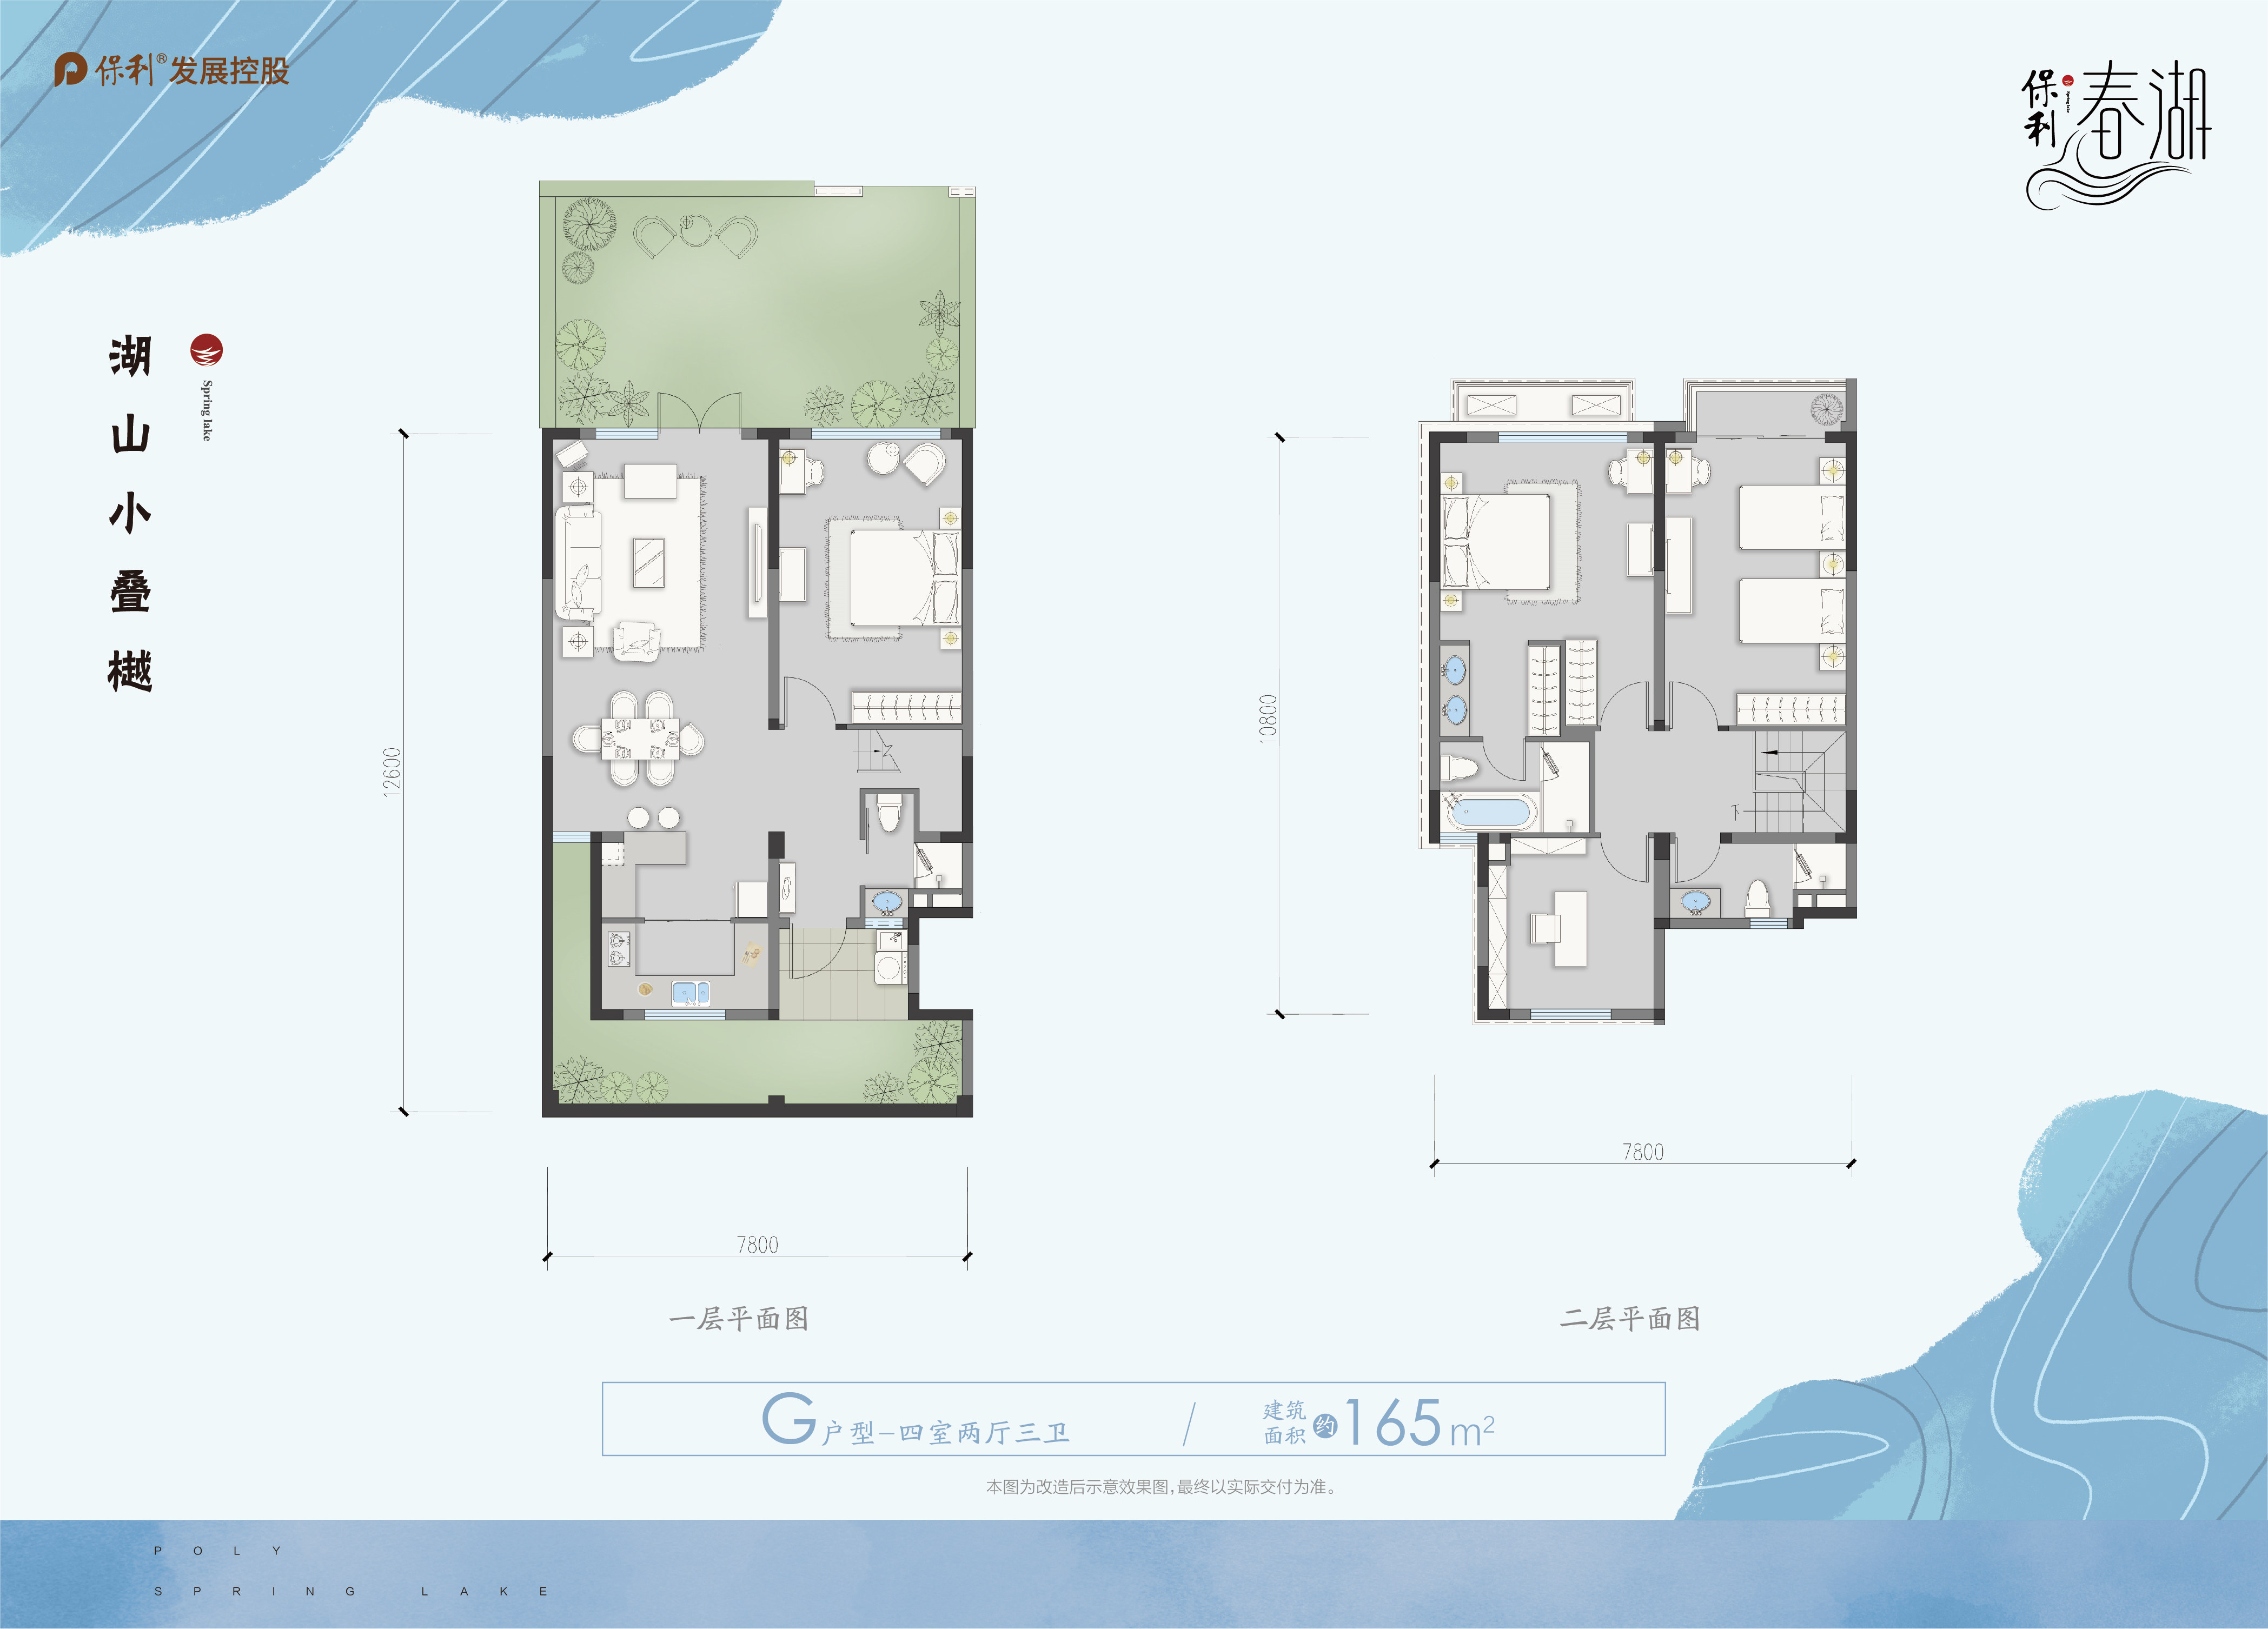 4室2厅3卫-湖山小叠樾G户型,建面165㎡